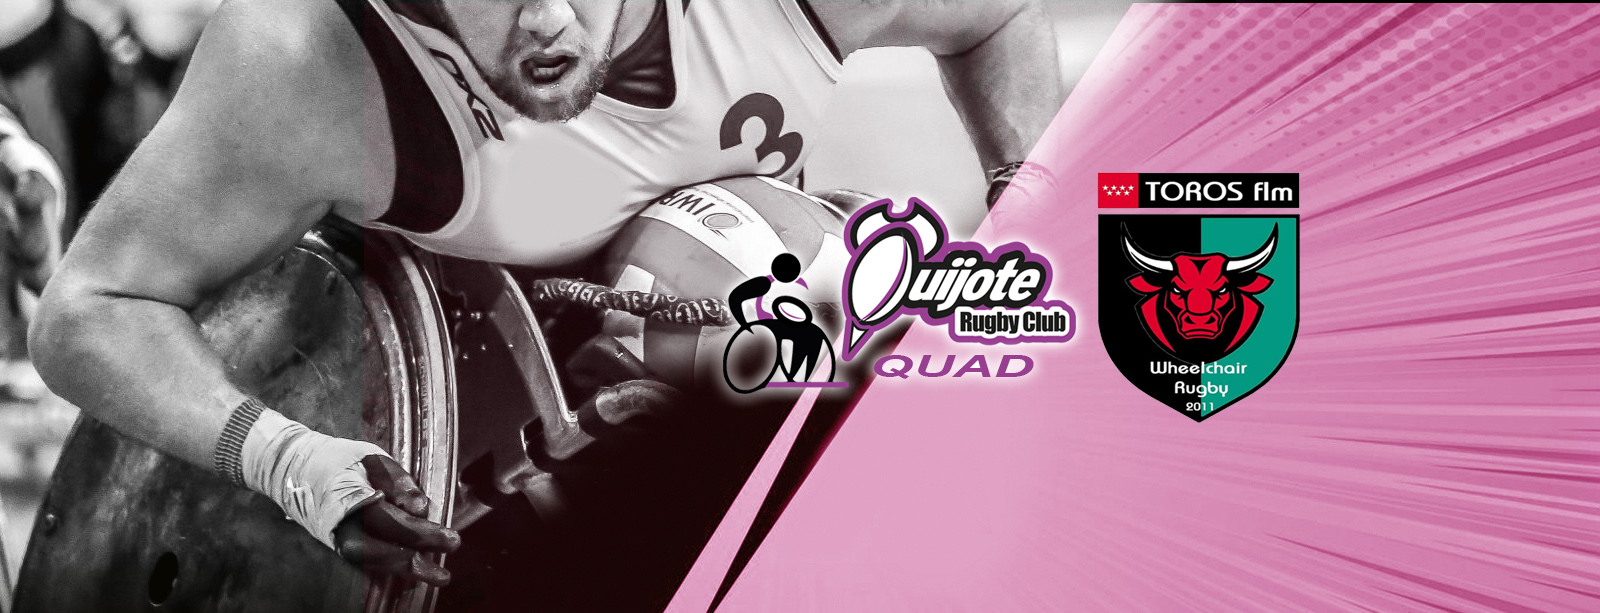 Debut de nuestro equipo de rugby en silla de ruedas: Quijote RC vs. Toros FLM